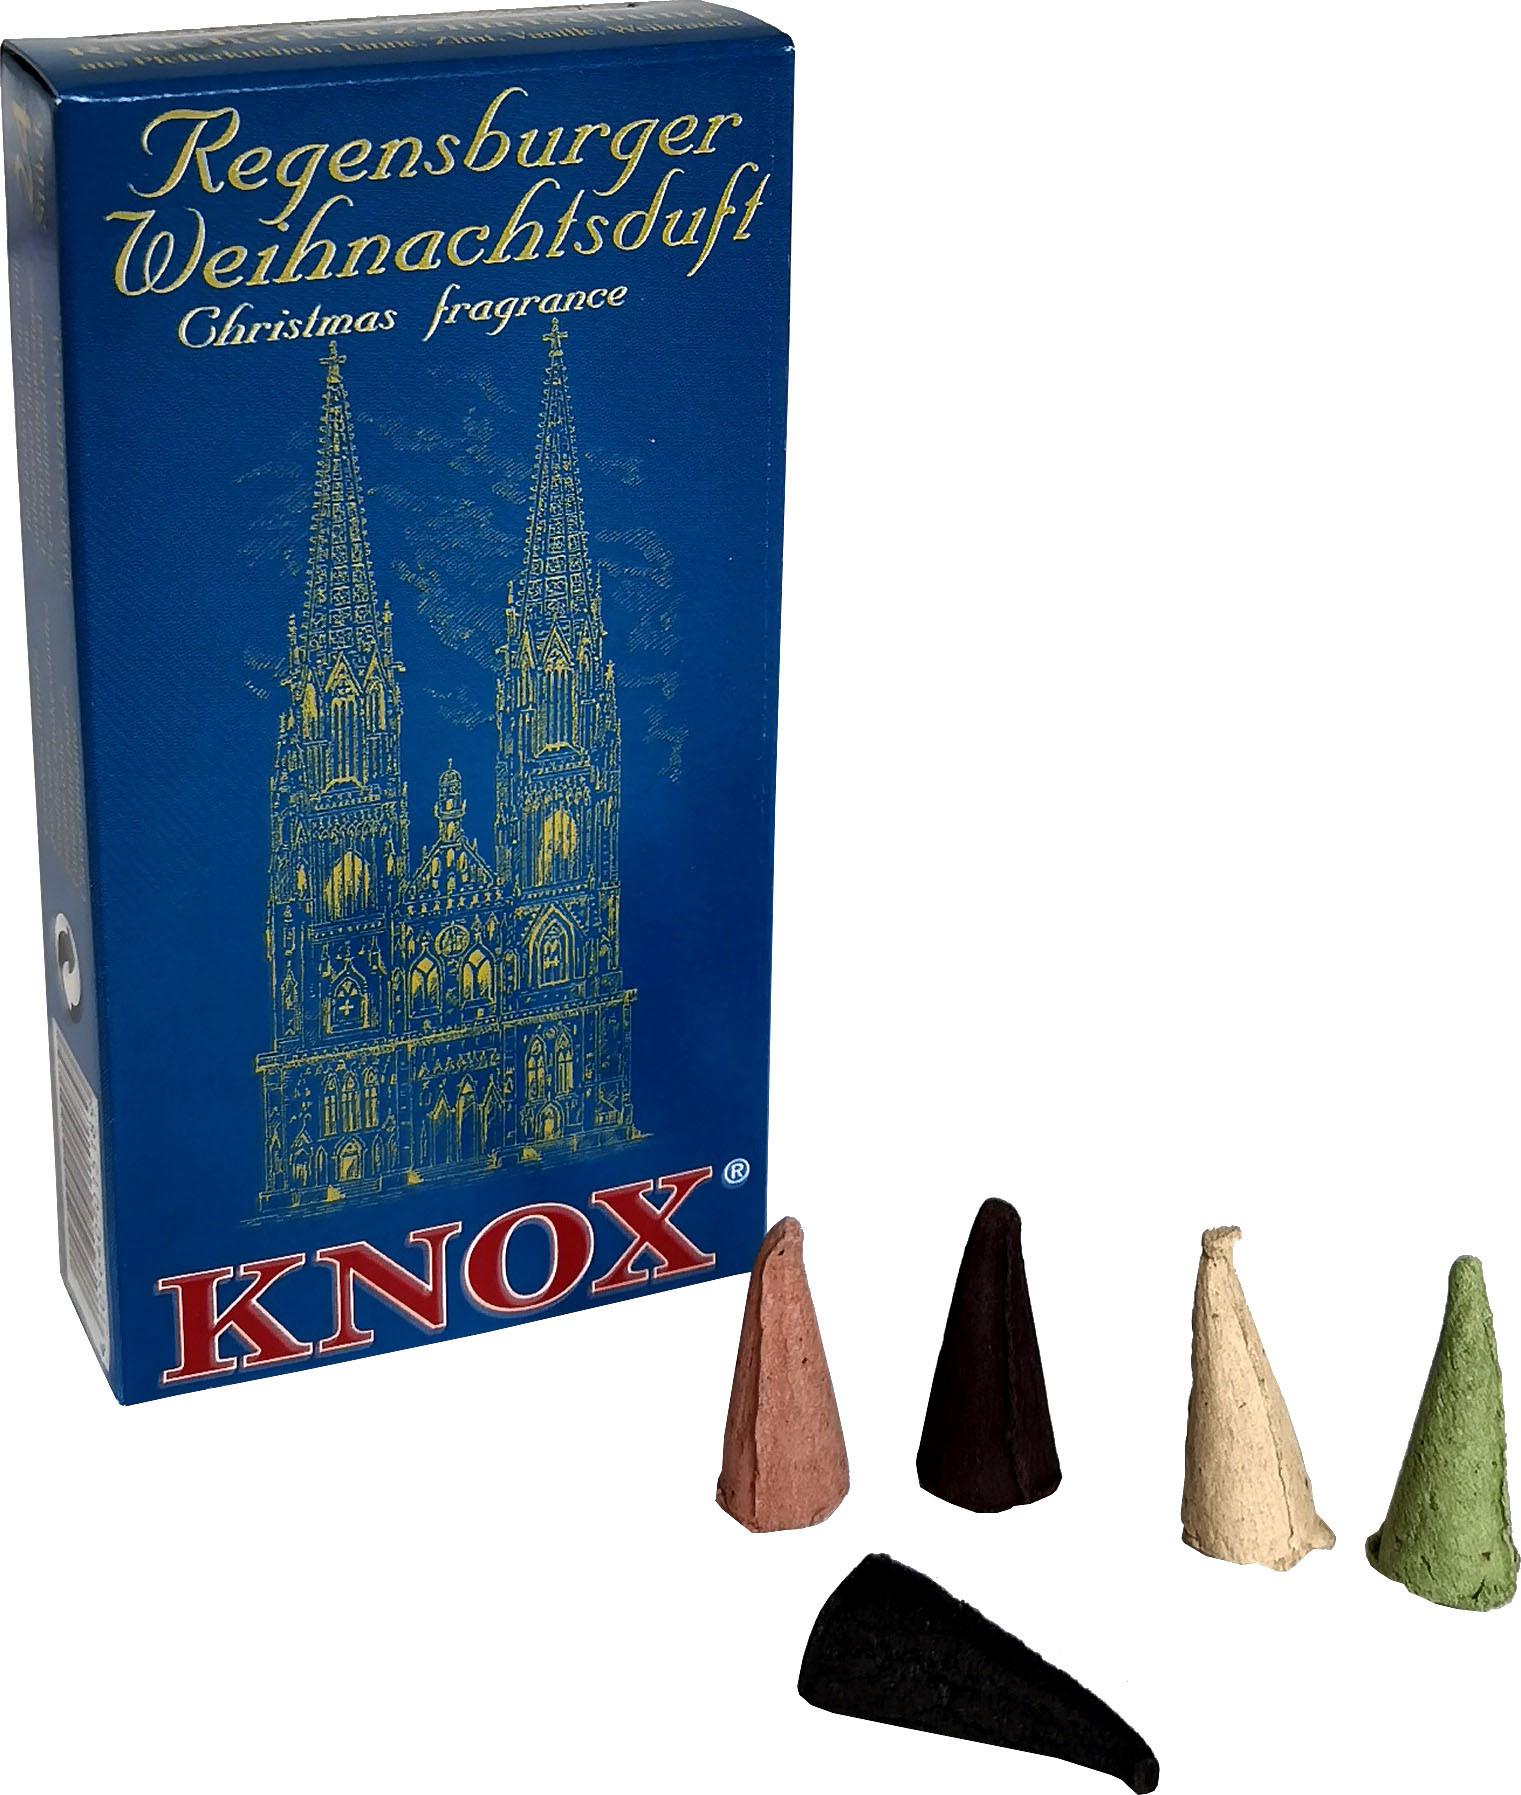 KNOX Räucherkerzen - Städteduft - Regensburger Weihnachtsduft